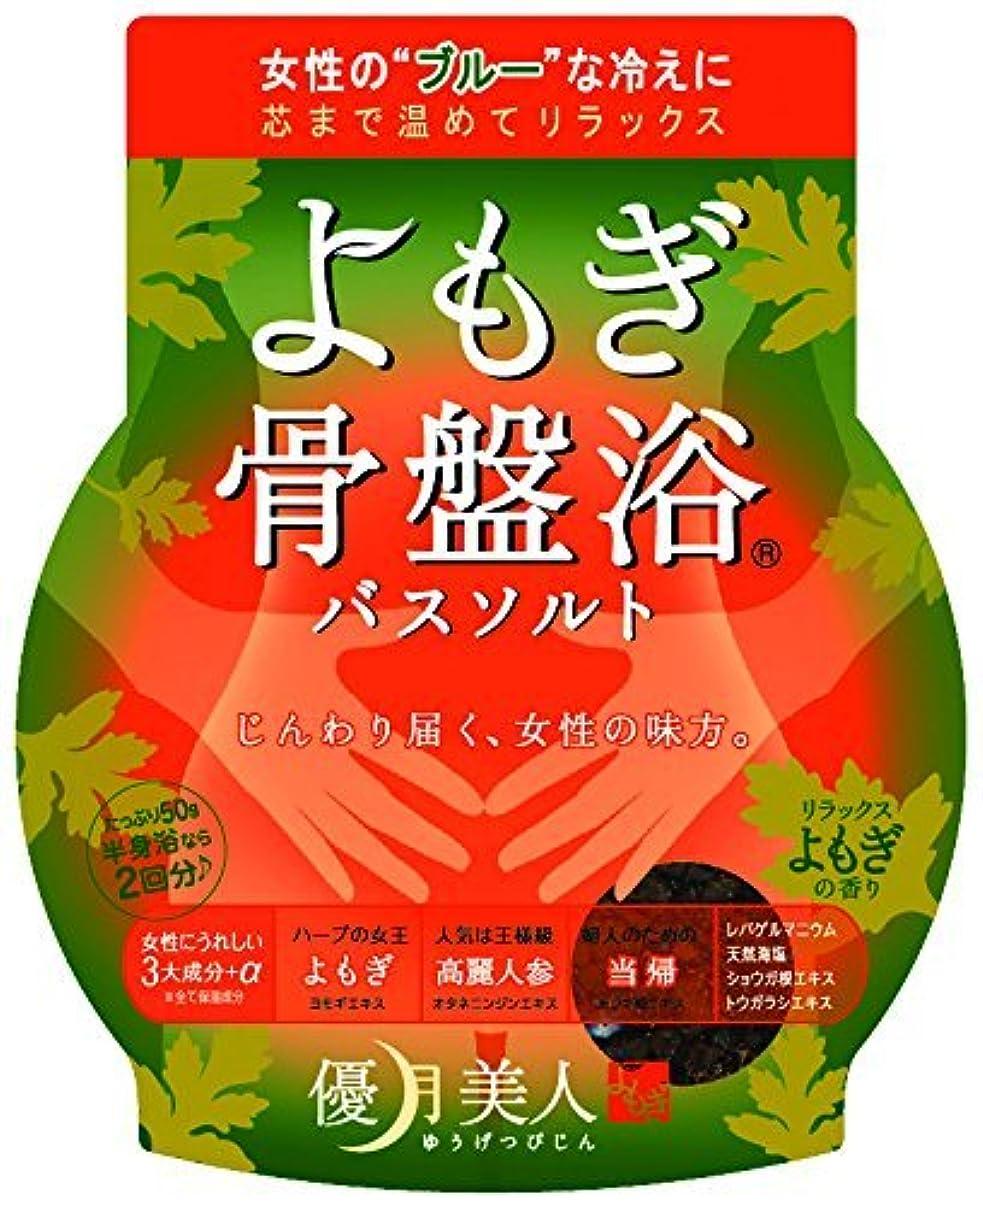 に話す影響感謝祭【まとめ買い】優月美人 バスソルト よもぎの香り 50g ×12個